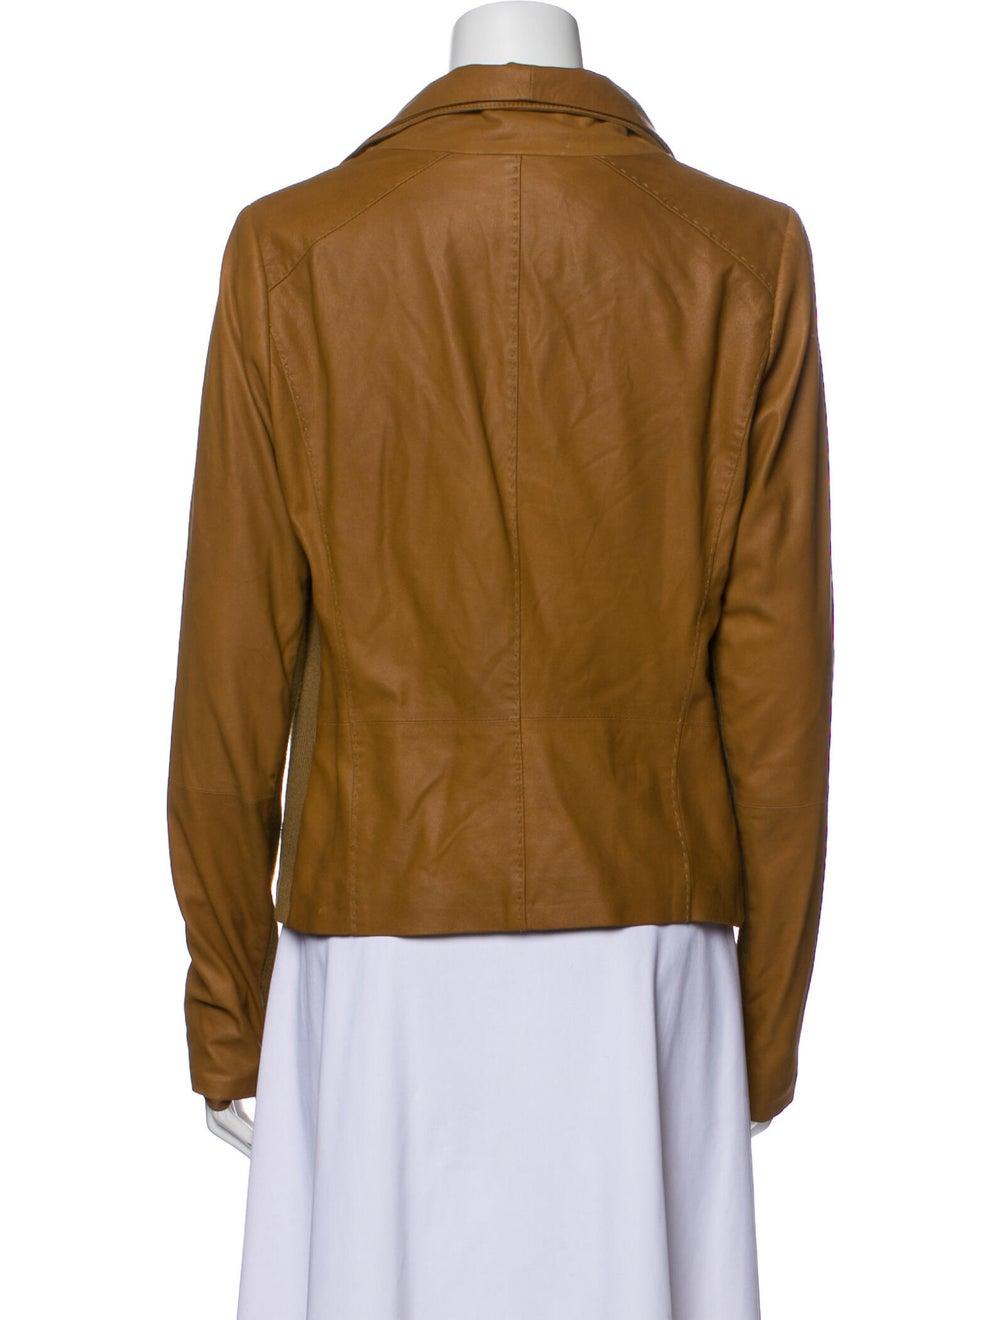 Vince Goat Leather Biker Jacket - image 3